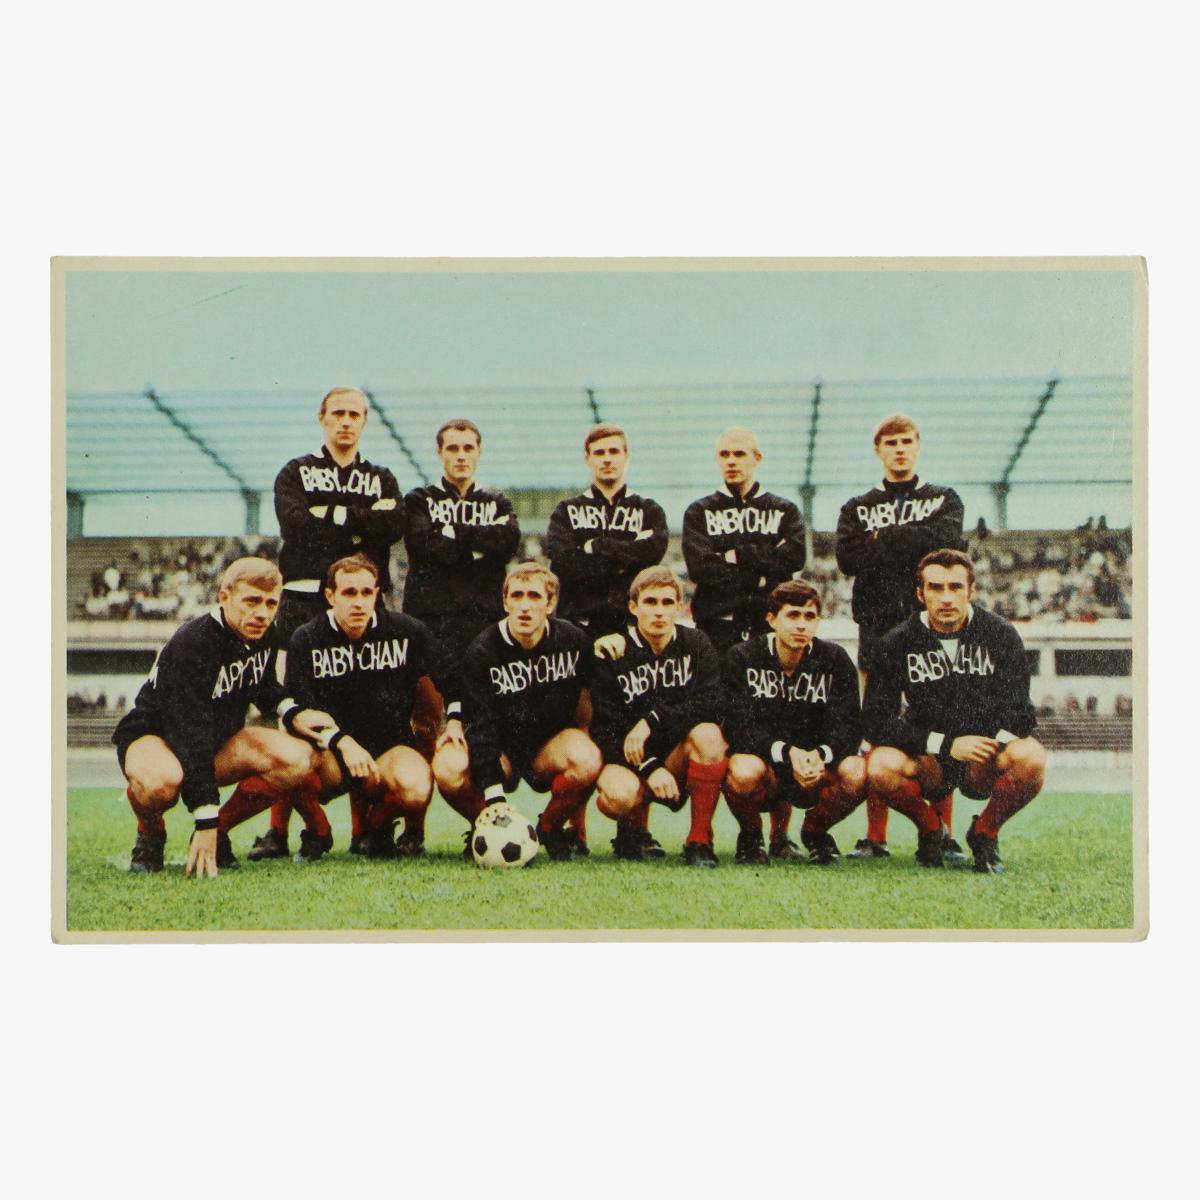 Afbeeldingen van oude postkaart voetbal racing-white